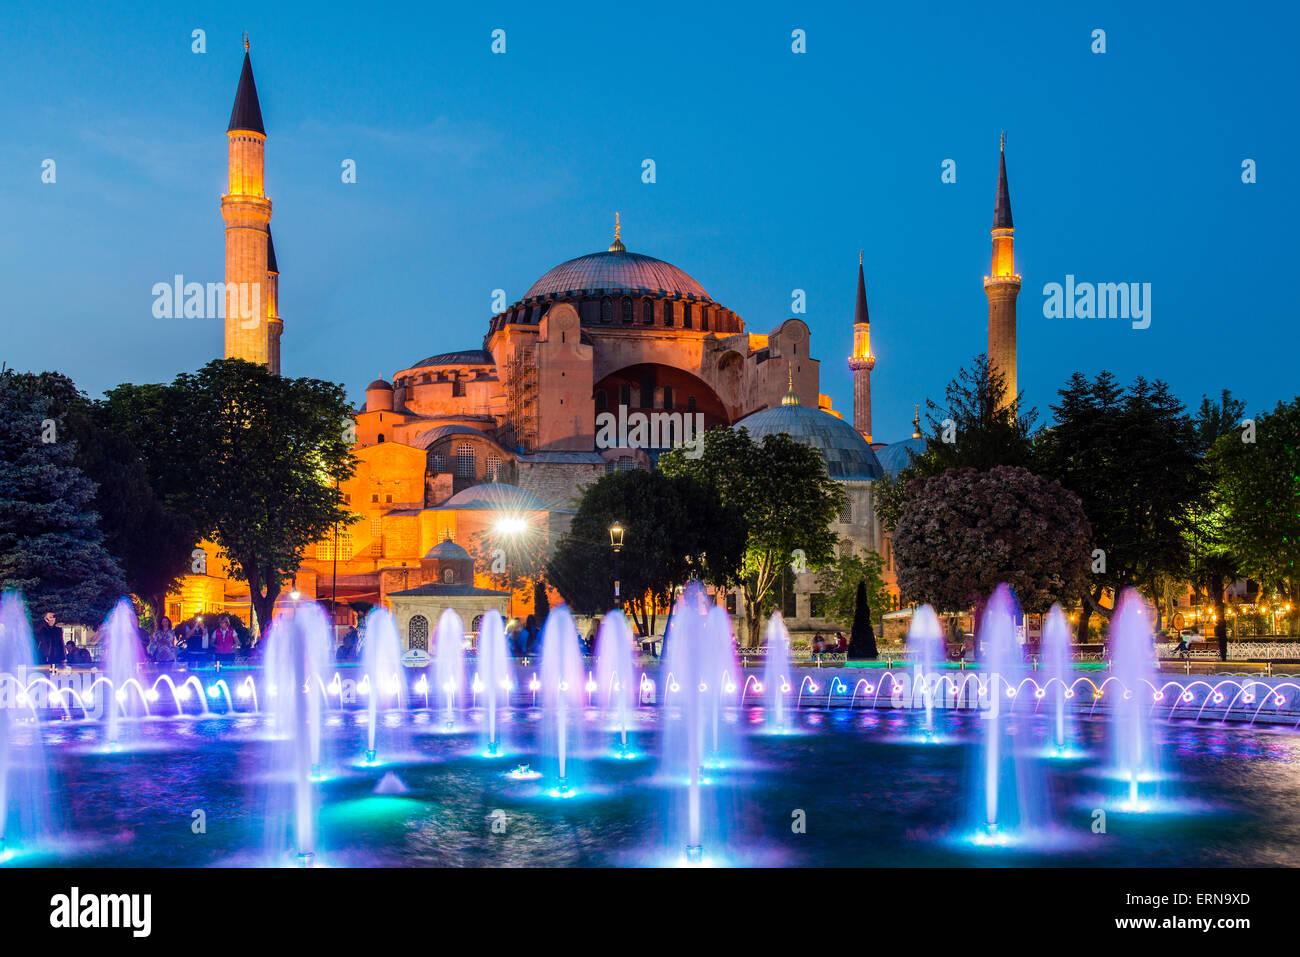 Vista notturna della fontana light show di Hagia Sophia dietro, Sultanahmet, Istanbul, Turchia Immagini Stock